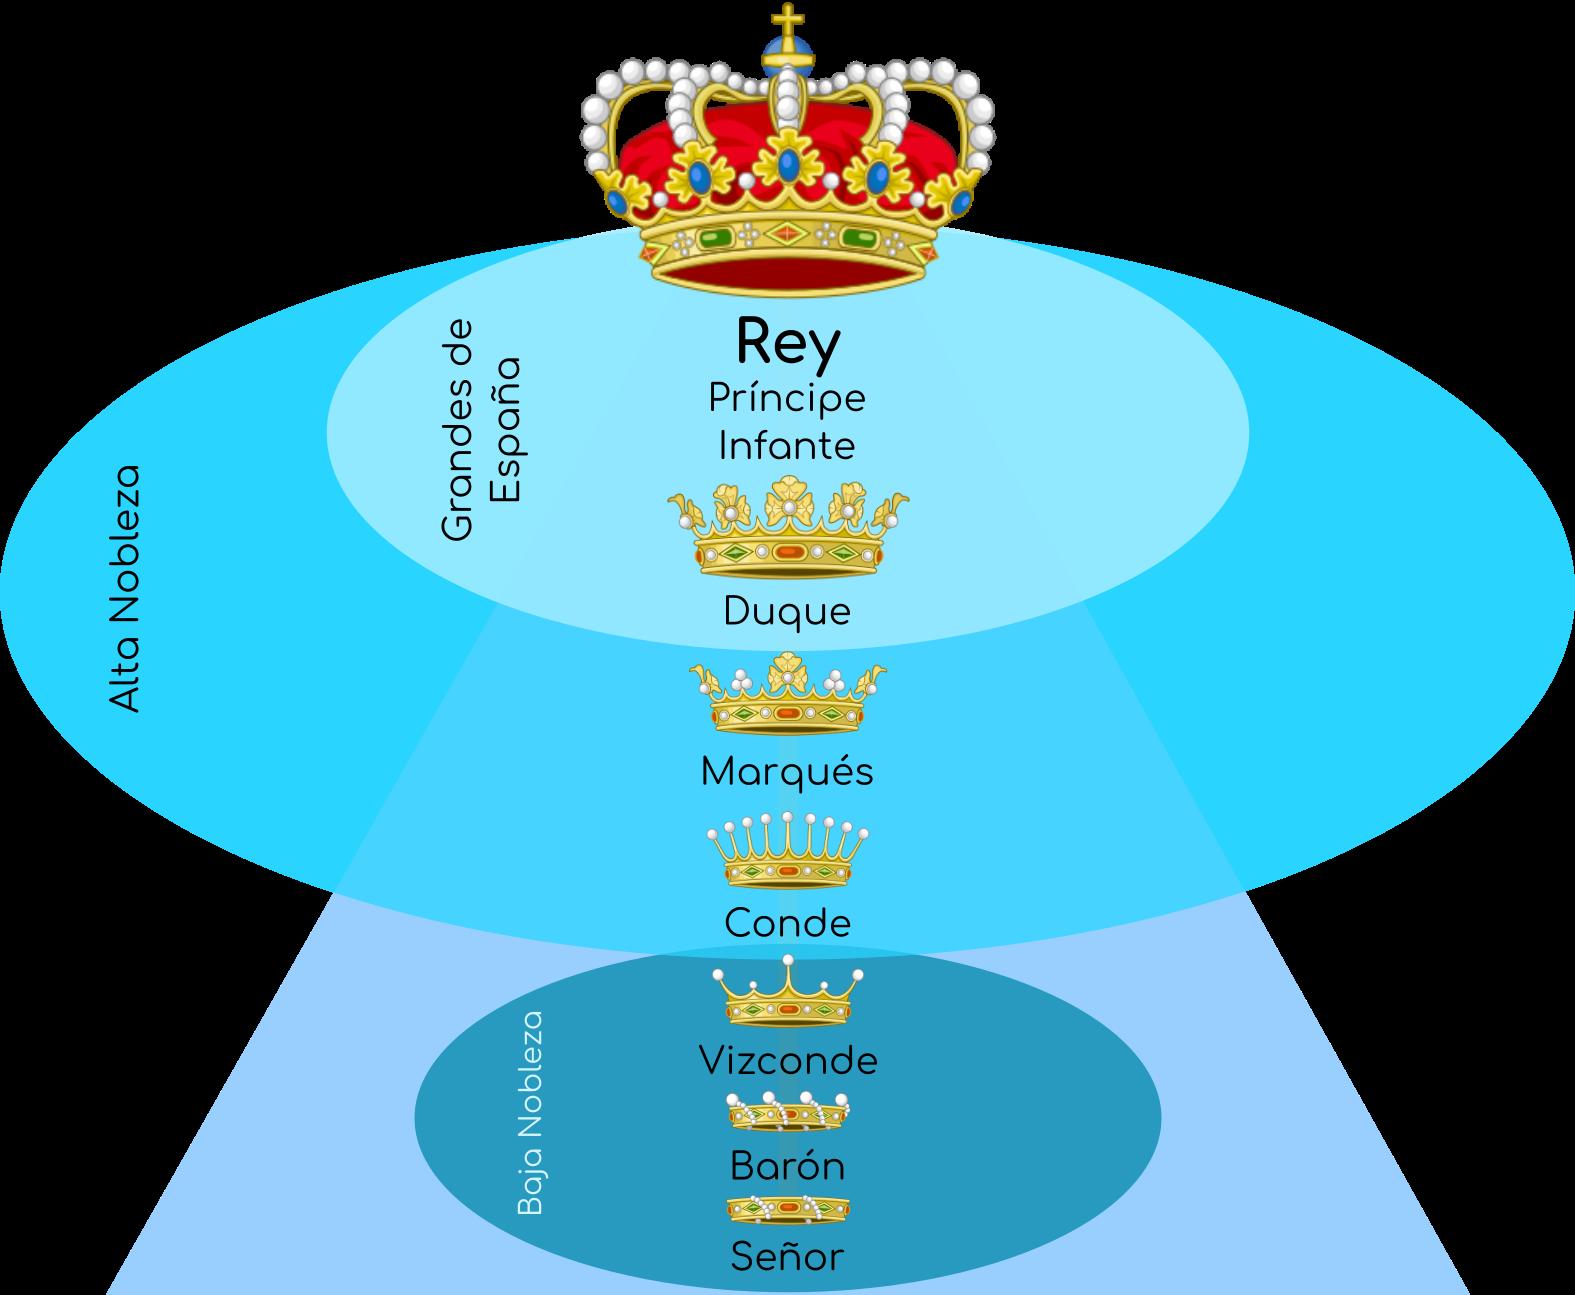 Jerarquía de títulos nobiliarios en España